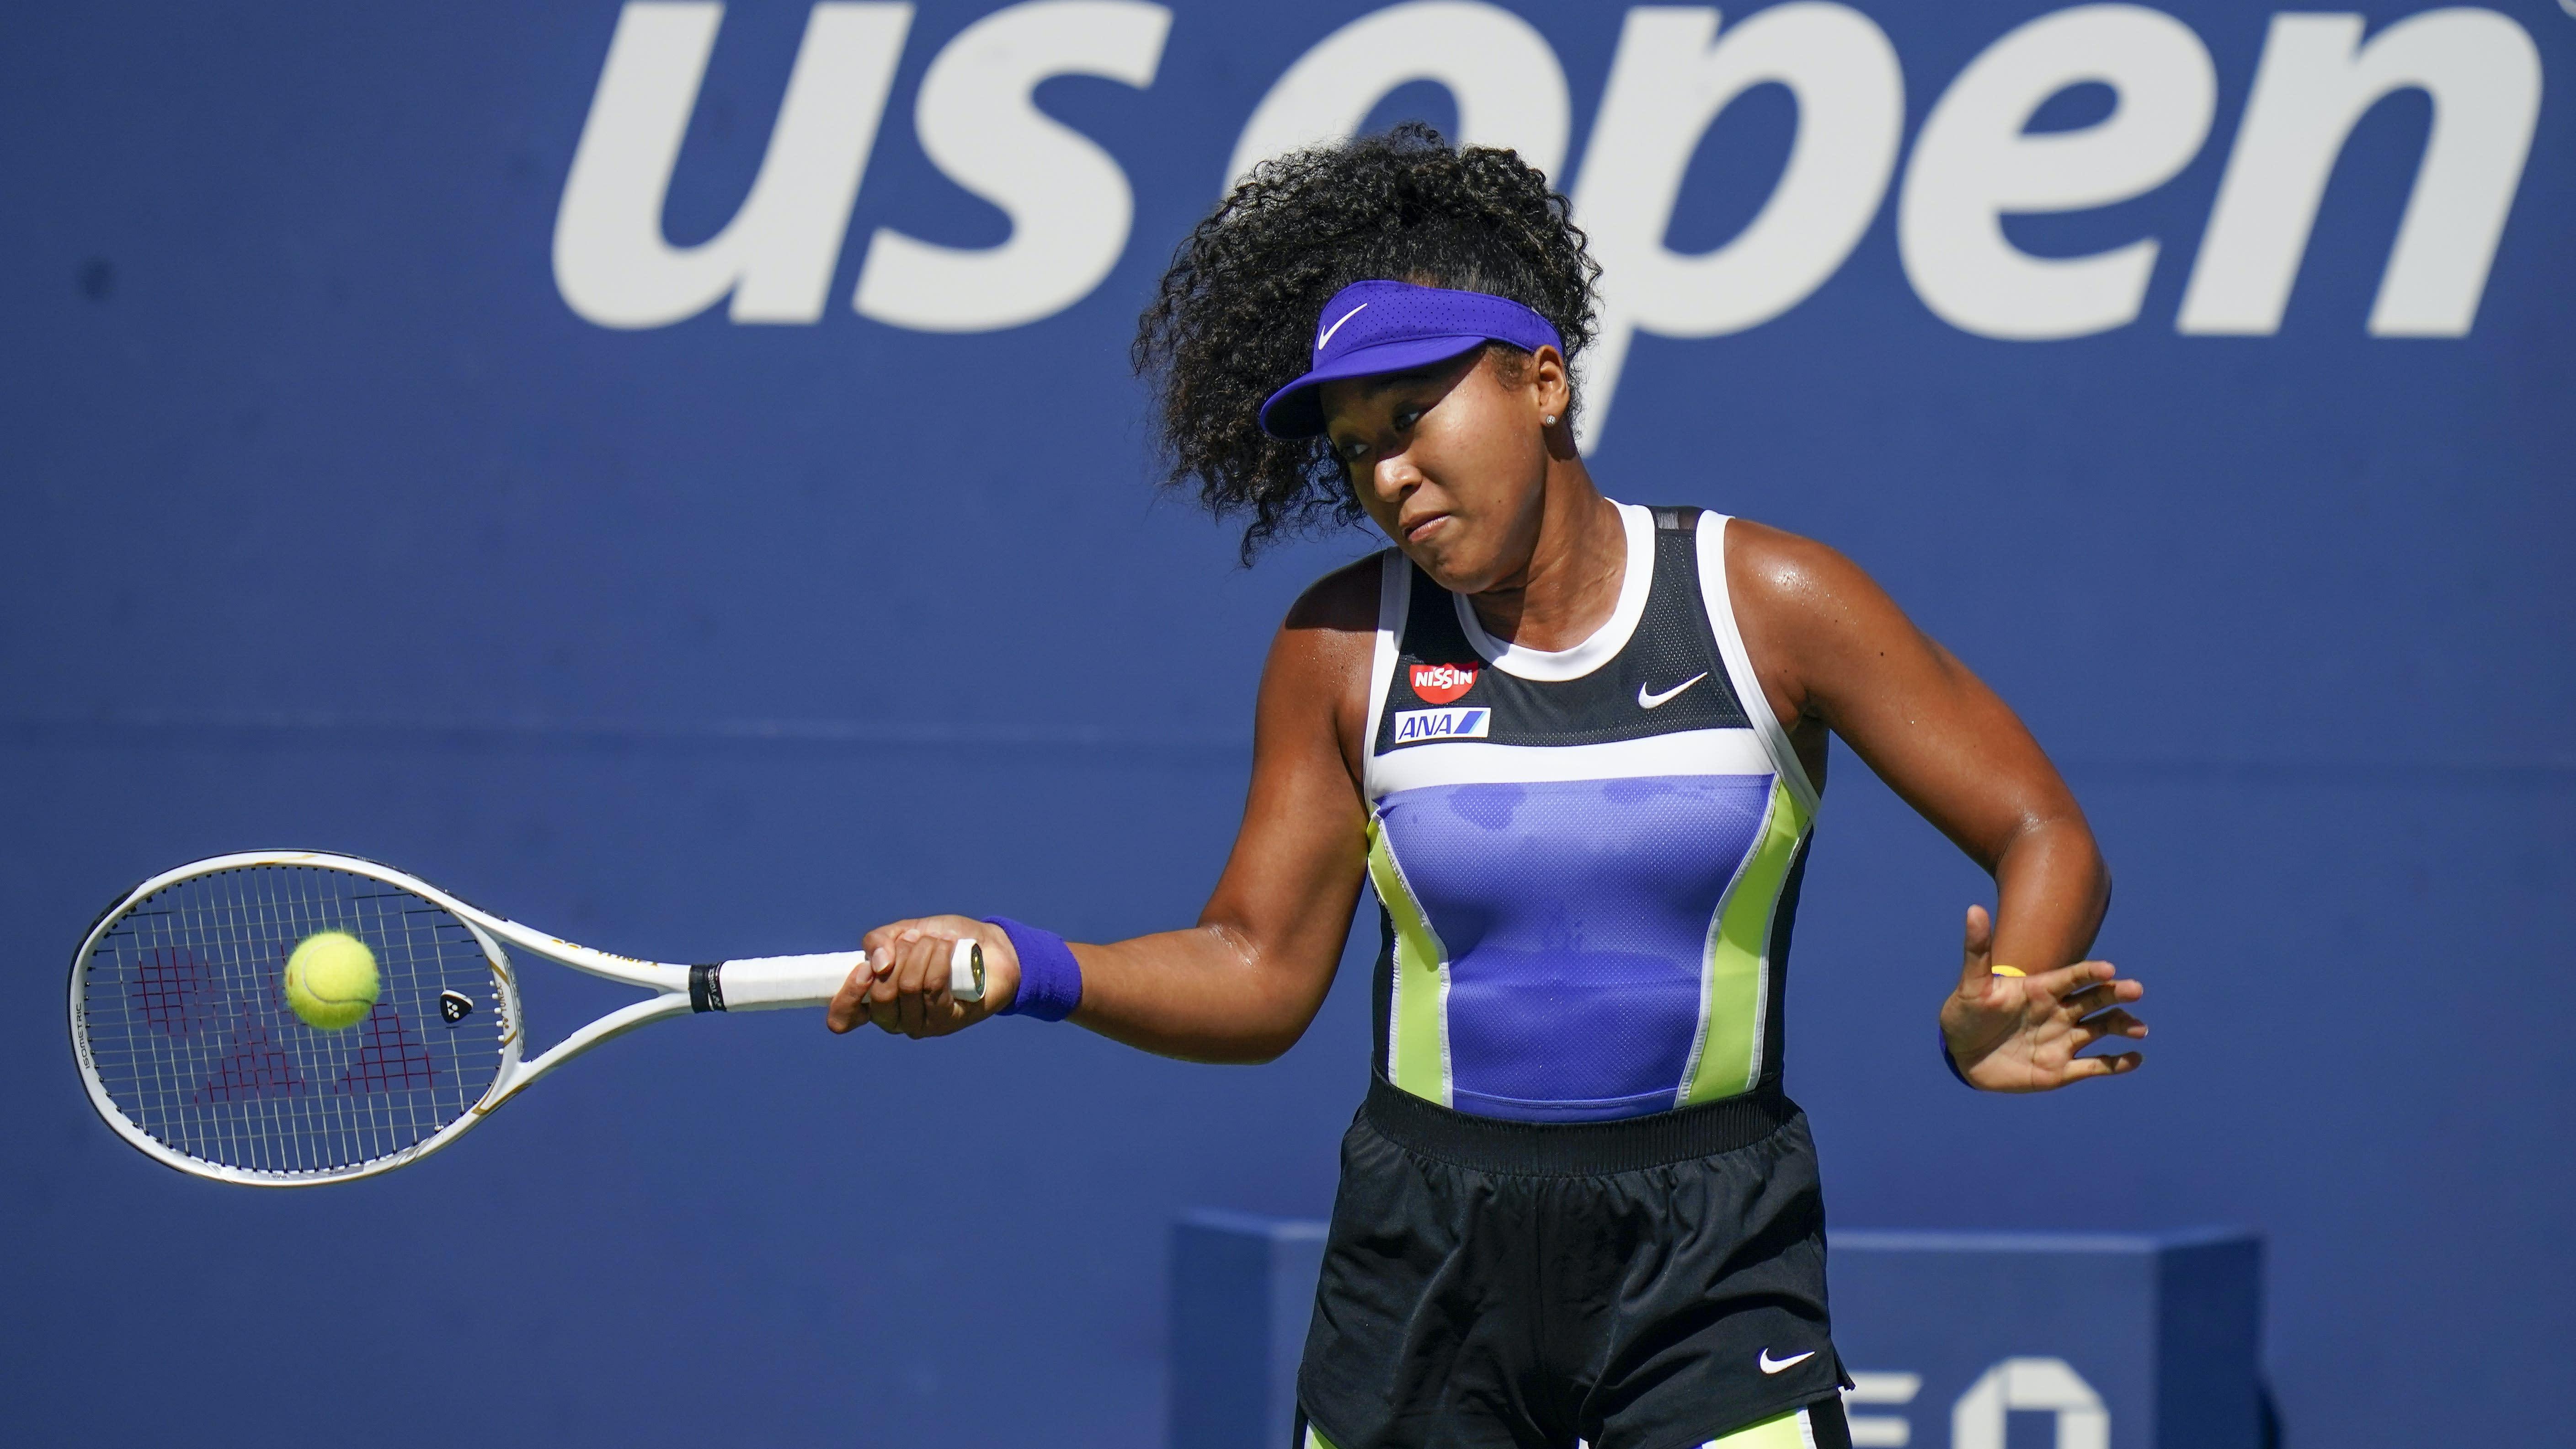 Naomi Osaka survives scare to reach US Open fourth round